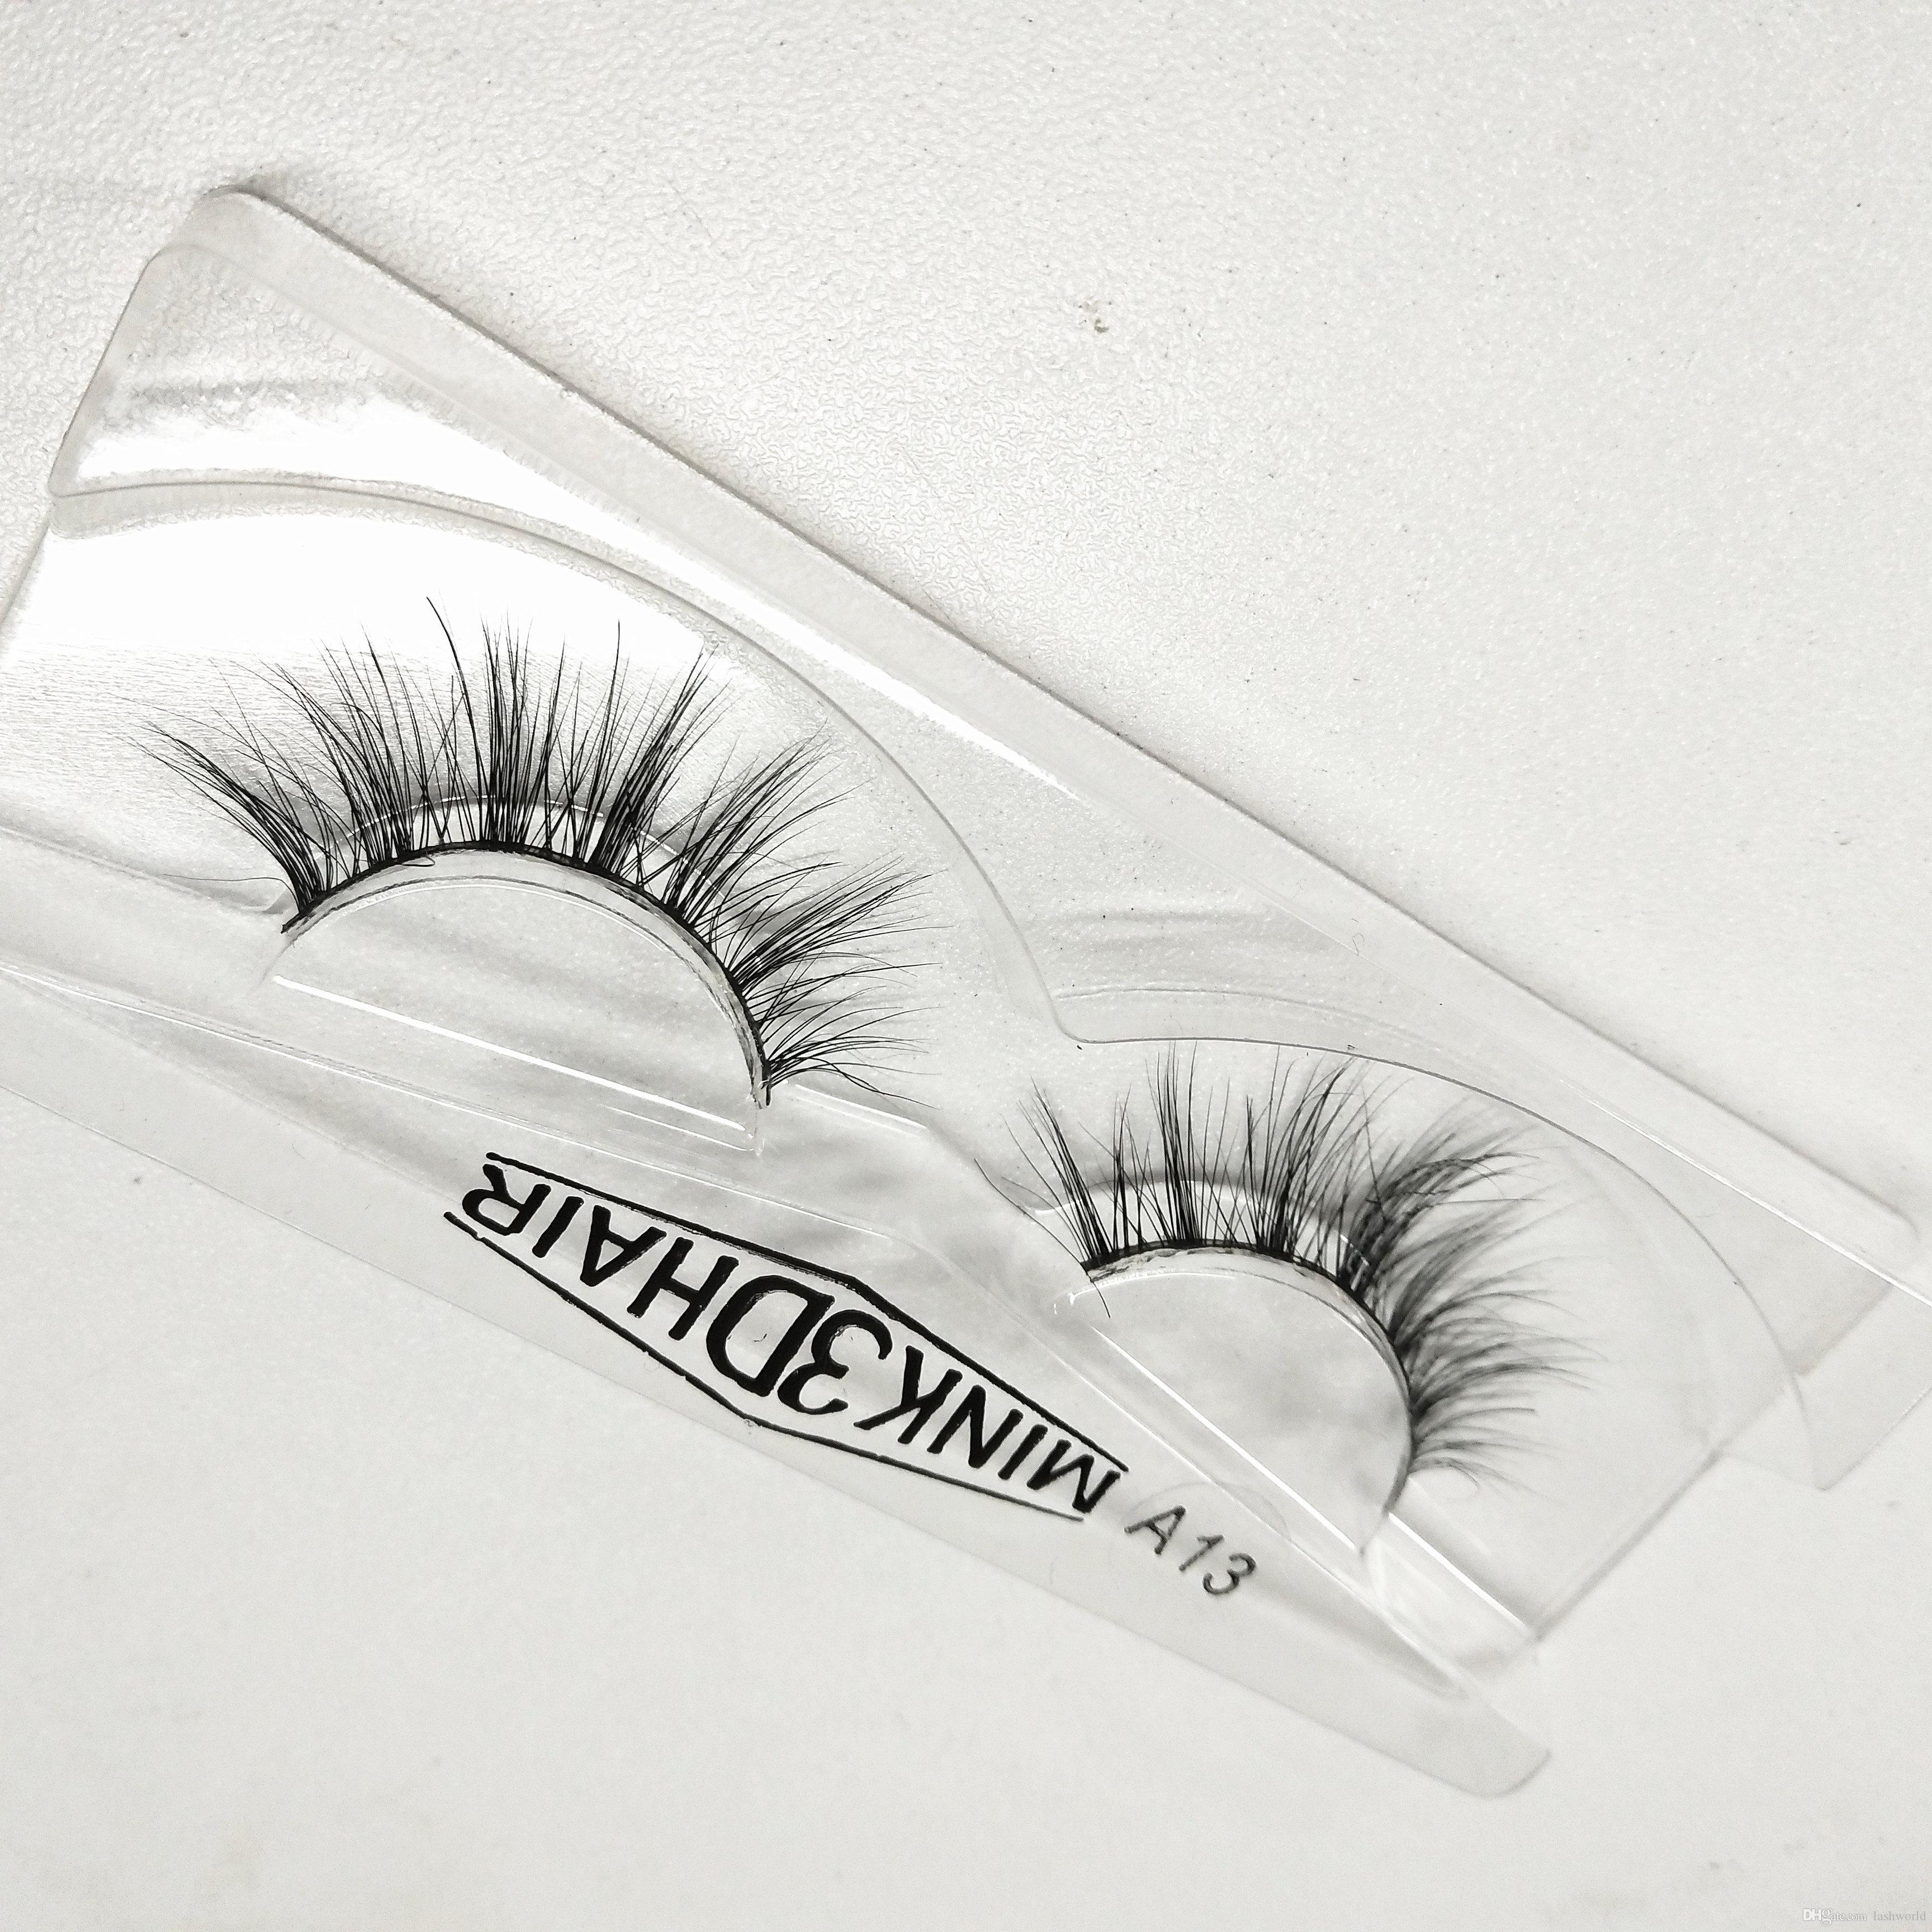 870b7b7b45b Seashine 3d 100% Real Mink Fur False Eyelash 3d Mink Strip Eyelashes 3D Mink  Lashes Private Label False Eyelashes Eye Lashes Eyelash Serum From  Lashworld, ...